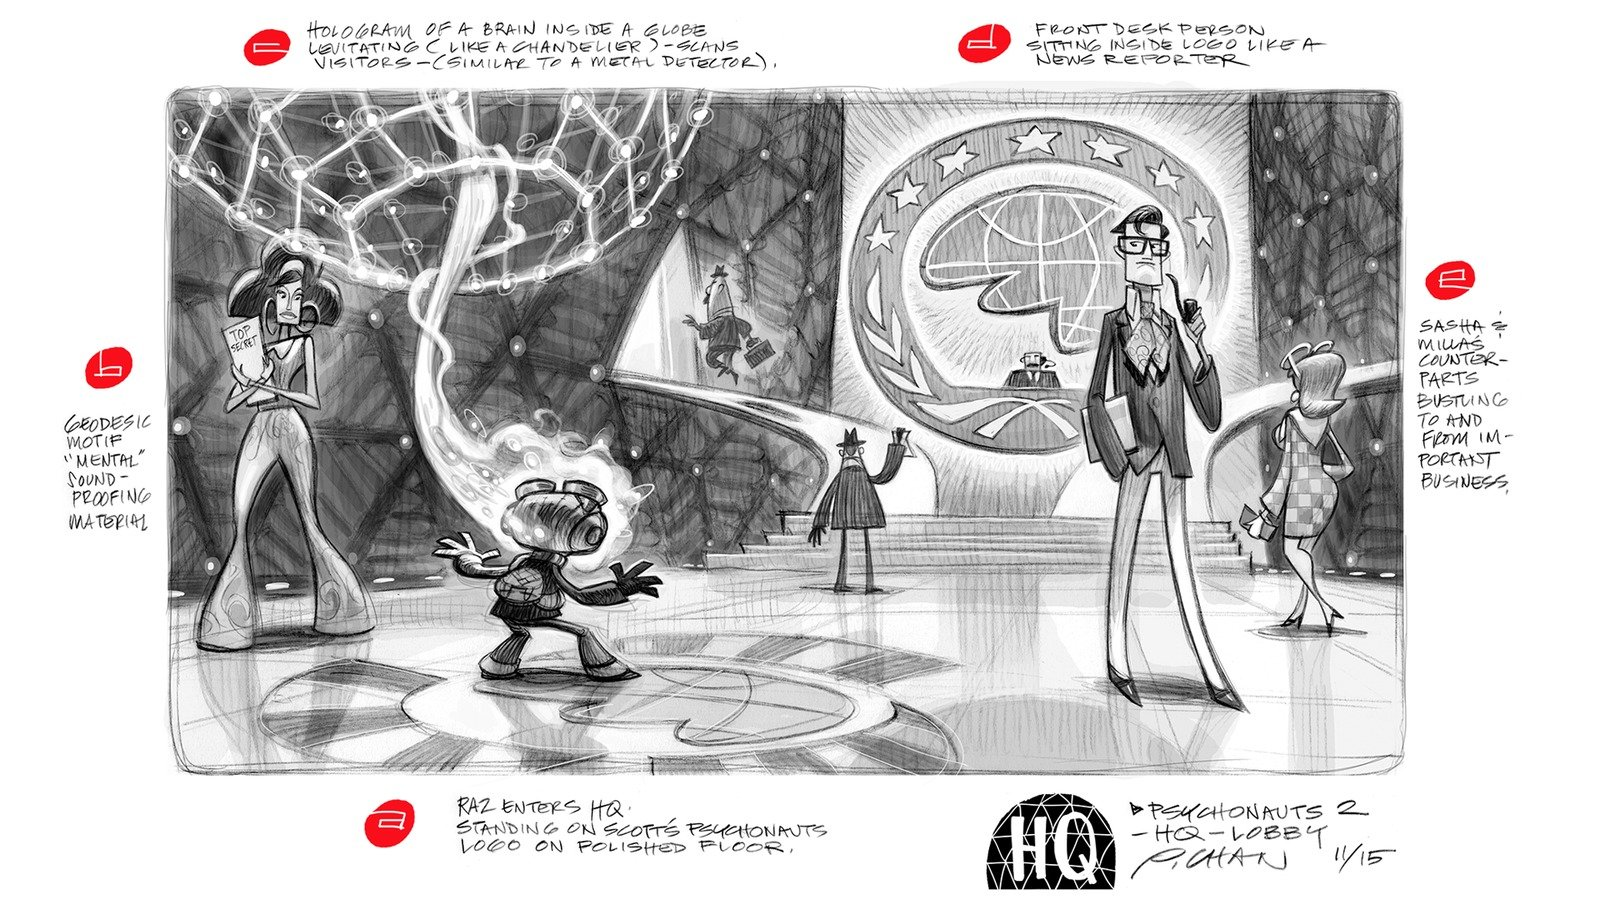 Psychonauts images Psychonauts HQ Concept Art HD wallpaper and 1600x900